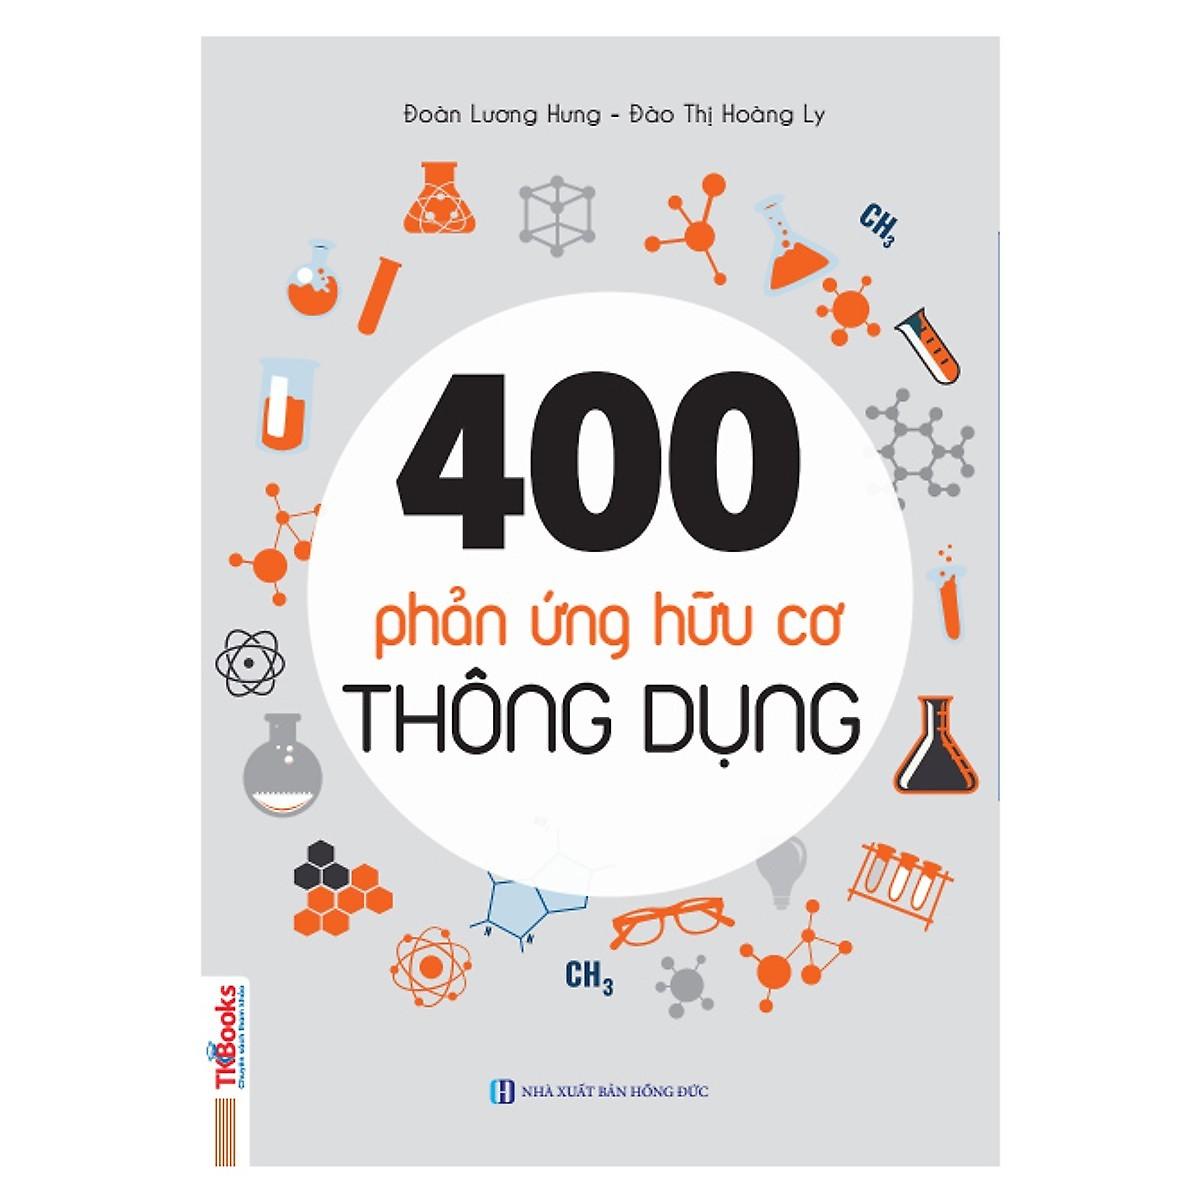 Combo Hành trình từ 0 đến 9+ môn Hóa Học phần hữu cơ + 400 phản ứng hữu cơ (tặng kèm bookmark PS)